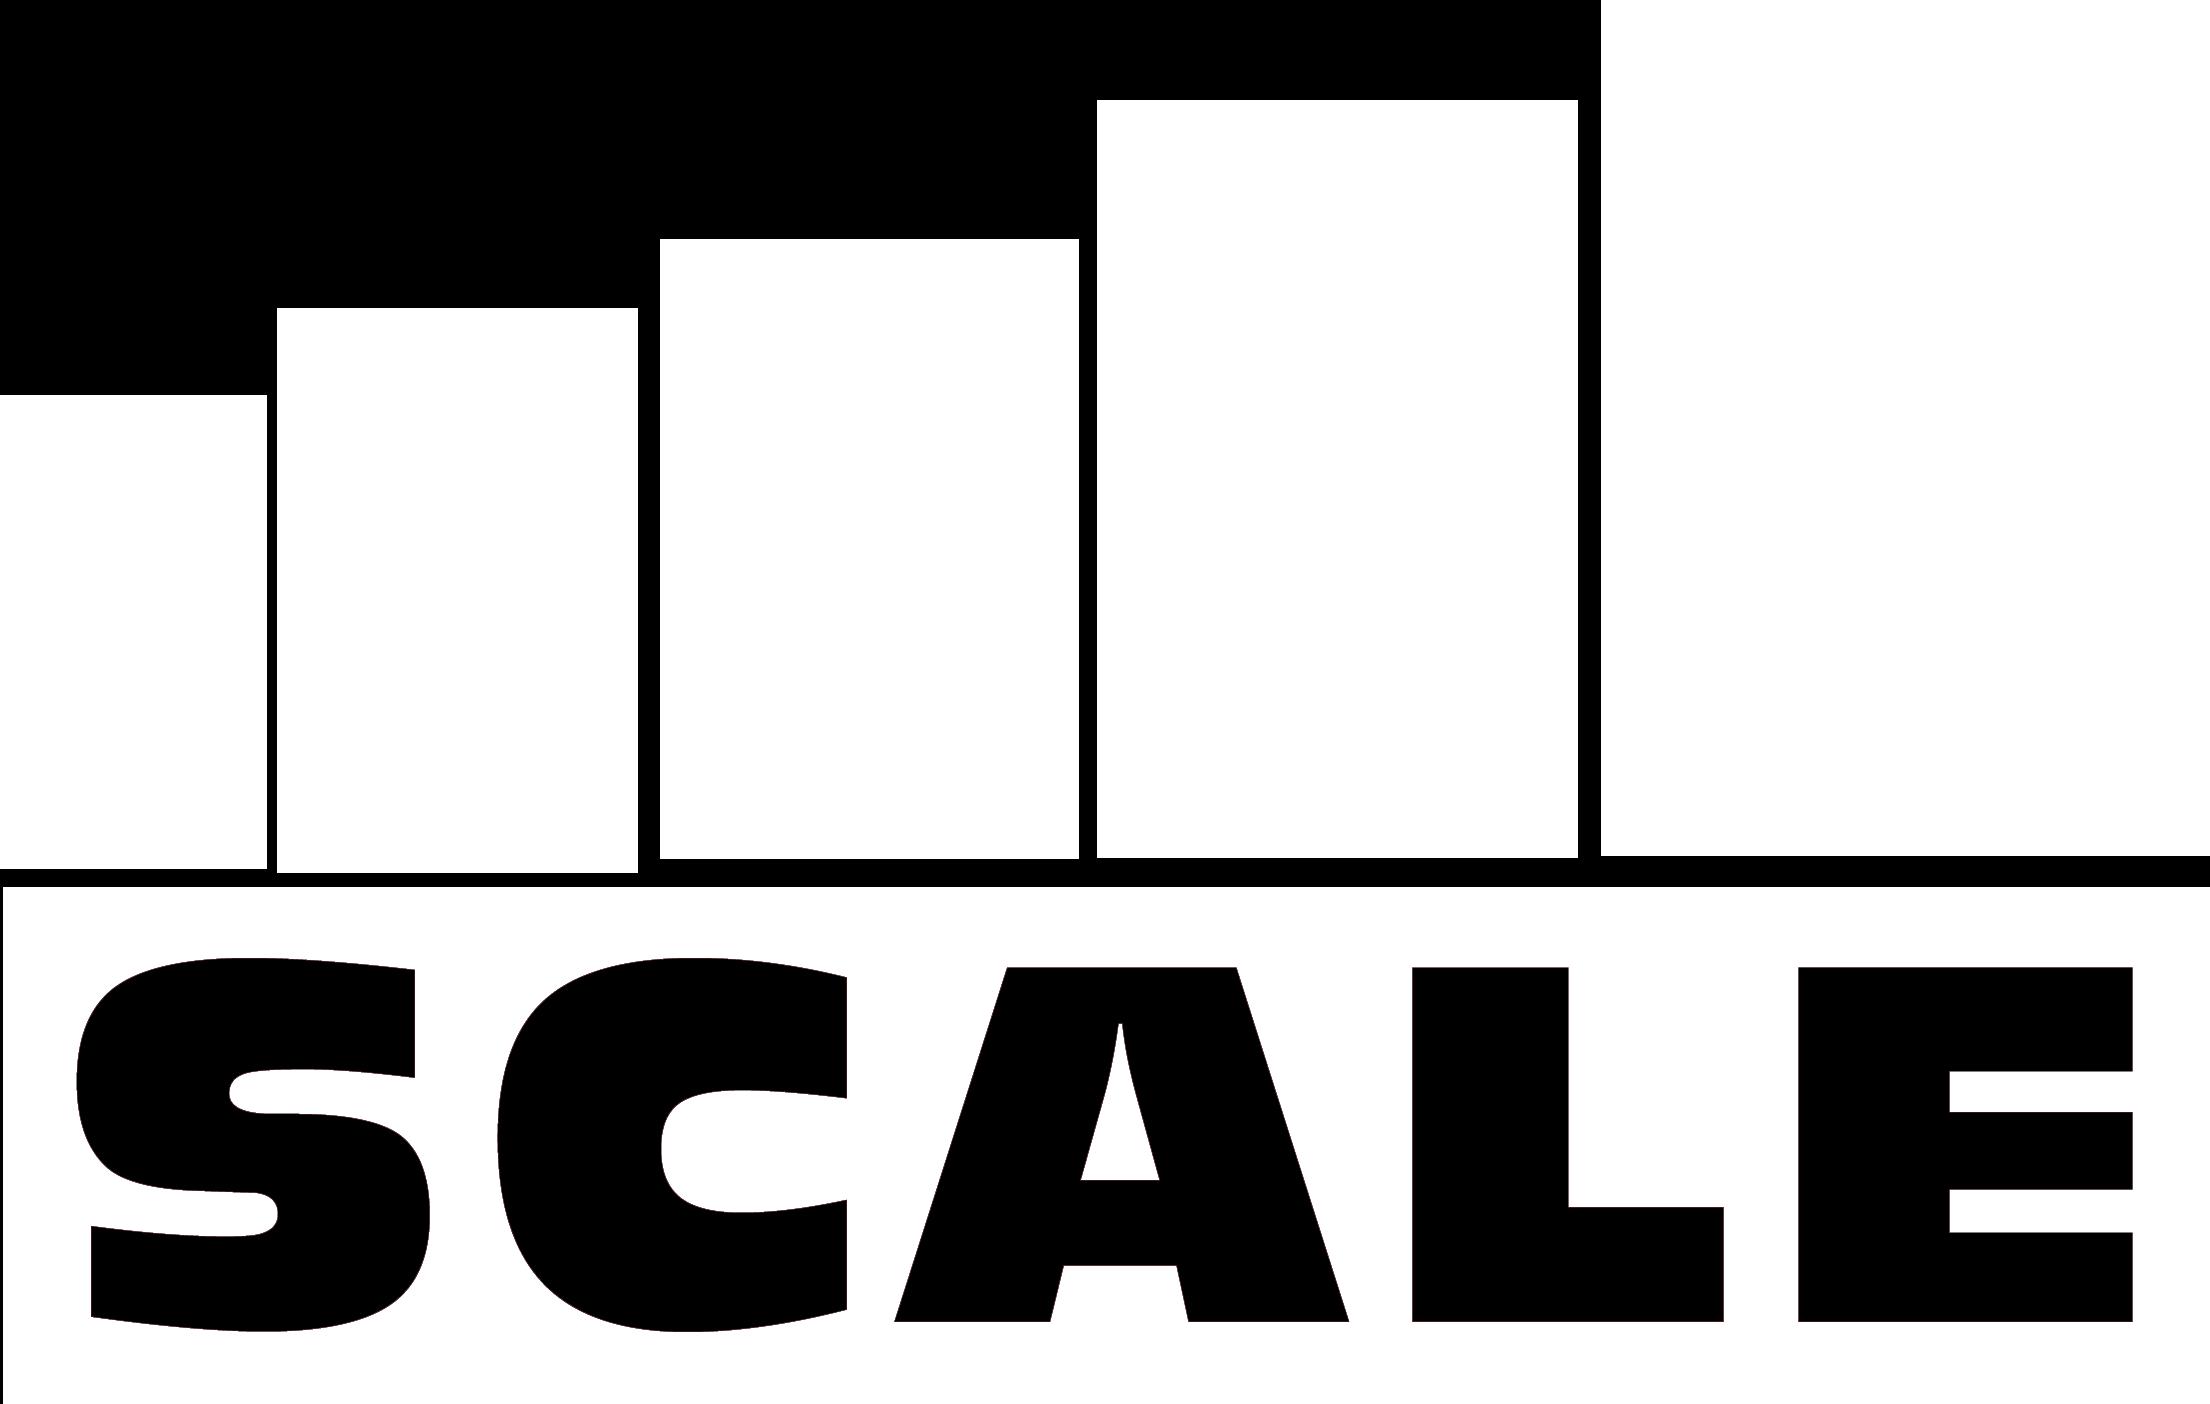 Logo spoločnosti Superscale